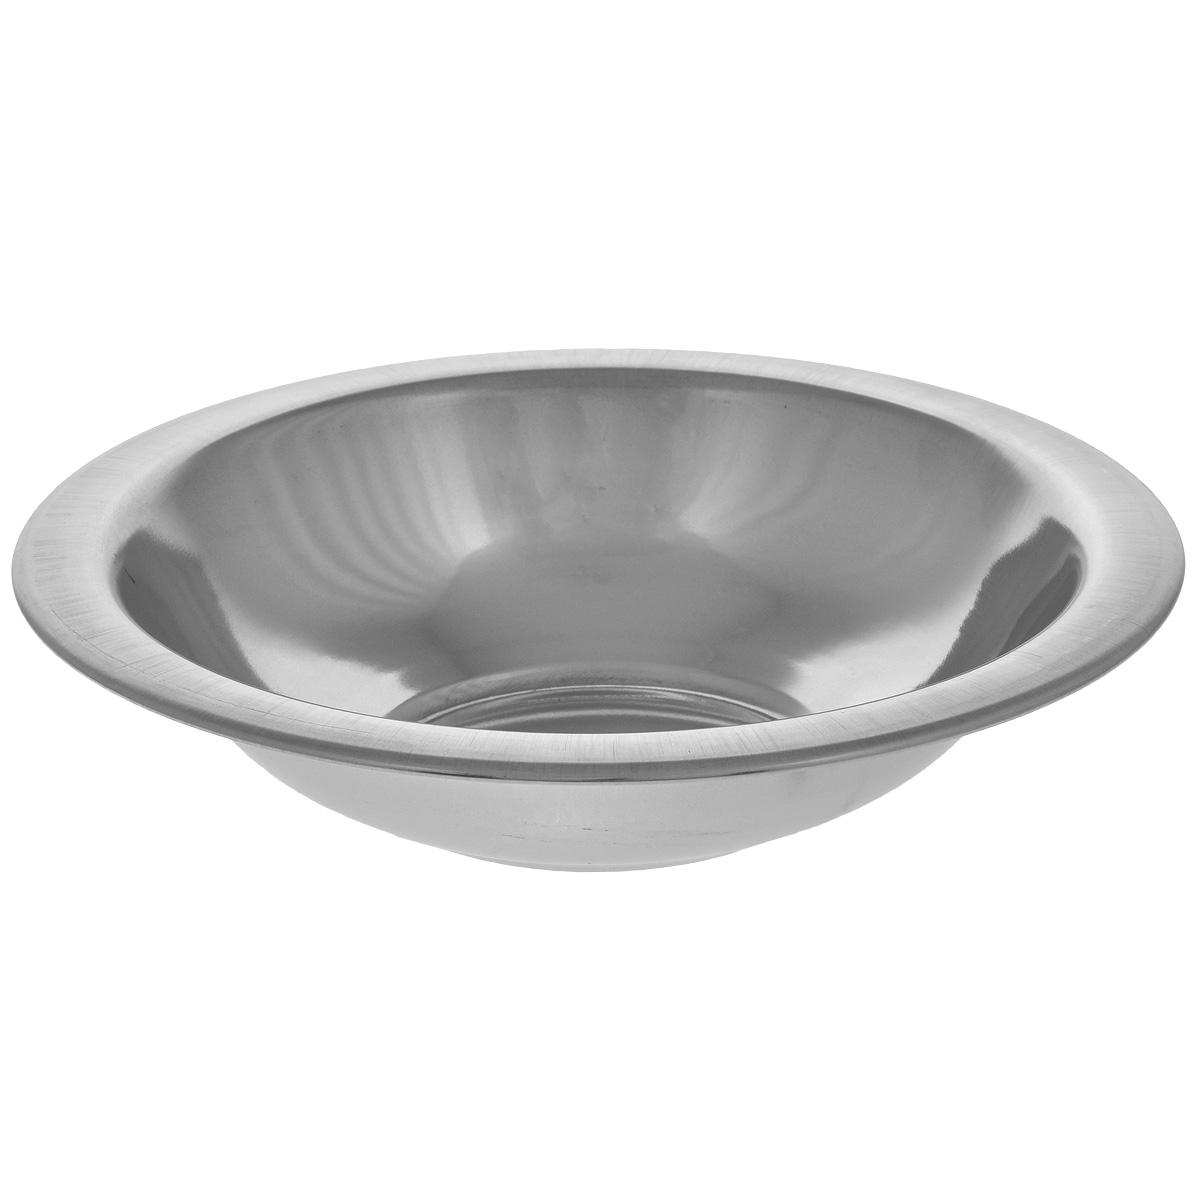 Миска Padia, диаметр 20 см5000-02Миска Padia изготовлена из нержавеющей стали. Удобная посуда прекрасно подойдет для походов и пикников. Прочная, компактная миска легко моется. Отлично подойдет для горячих блюд.Диаметр миски: 20 см.Высота миски: 4,5 см.